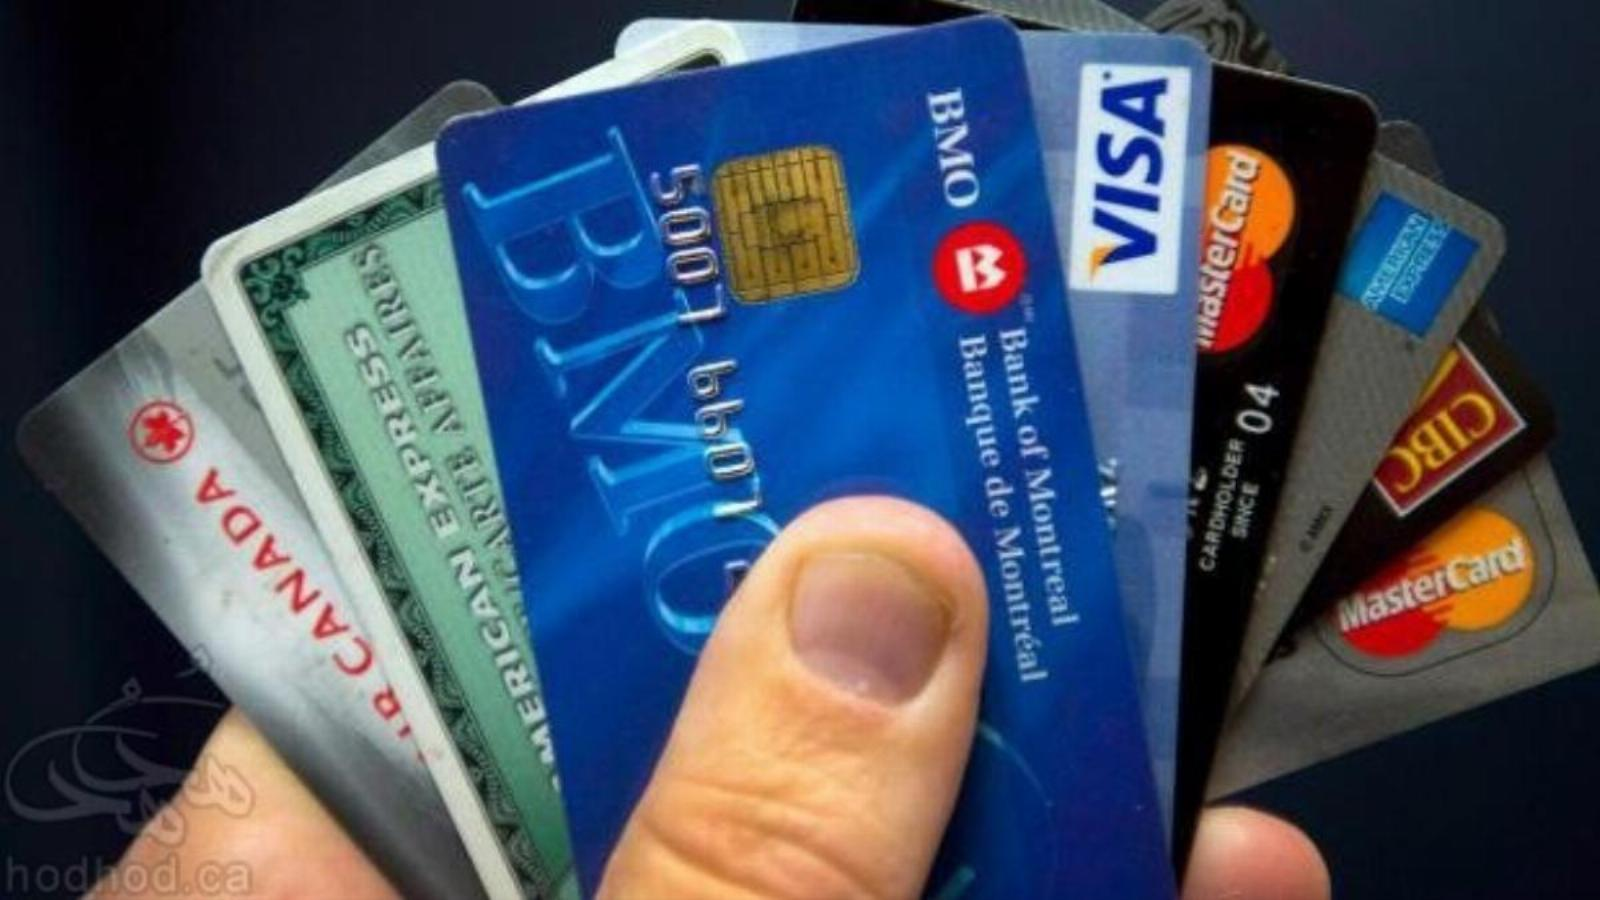 ده روش شایع کلاهبرداری از کارت های اعتباری توسط پلیس کانادا اعلام شد